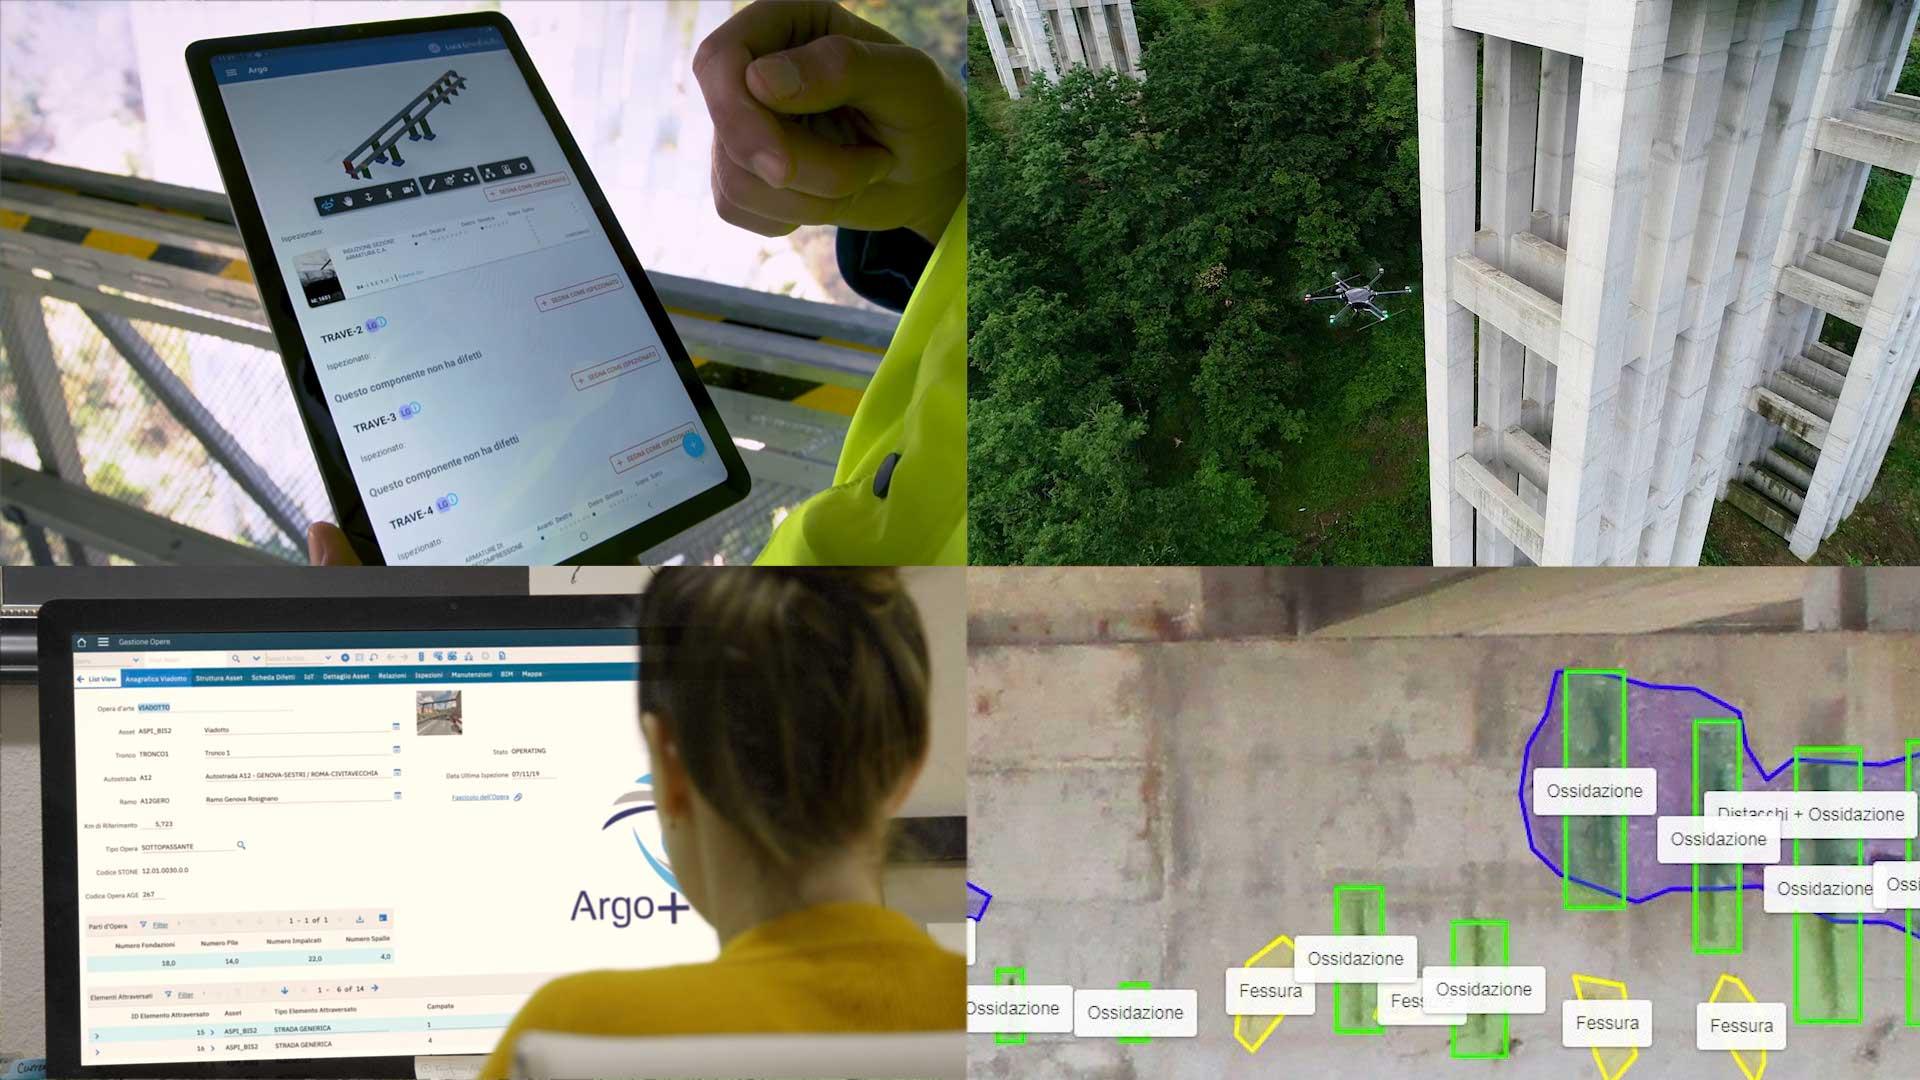 Argo monitoraggio infrastrutture